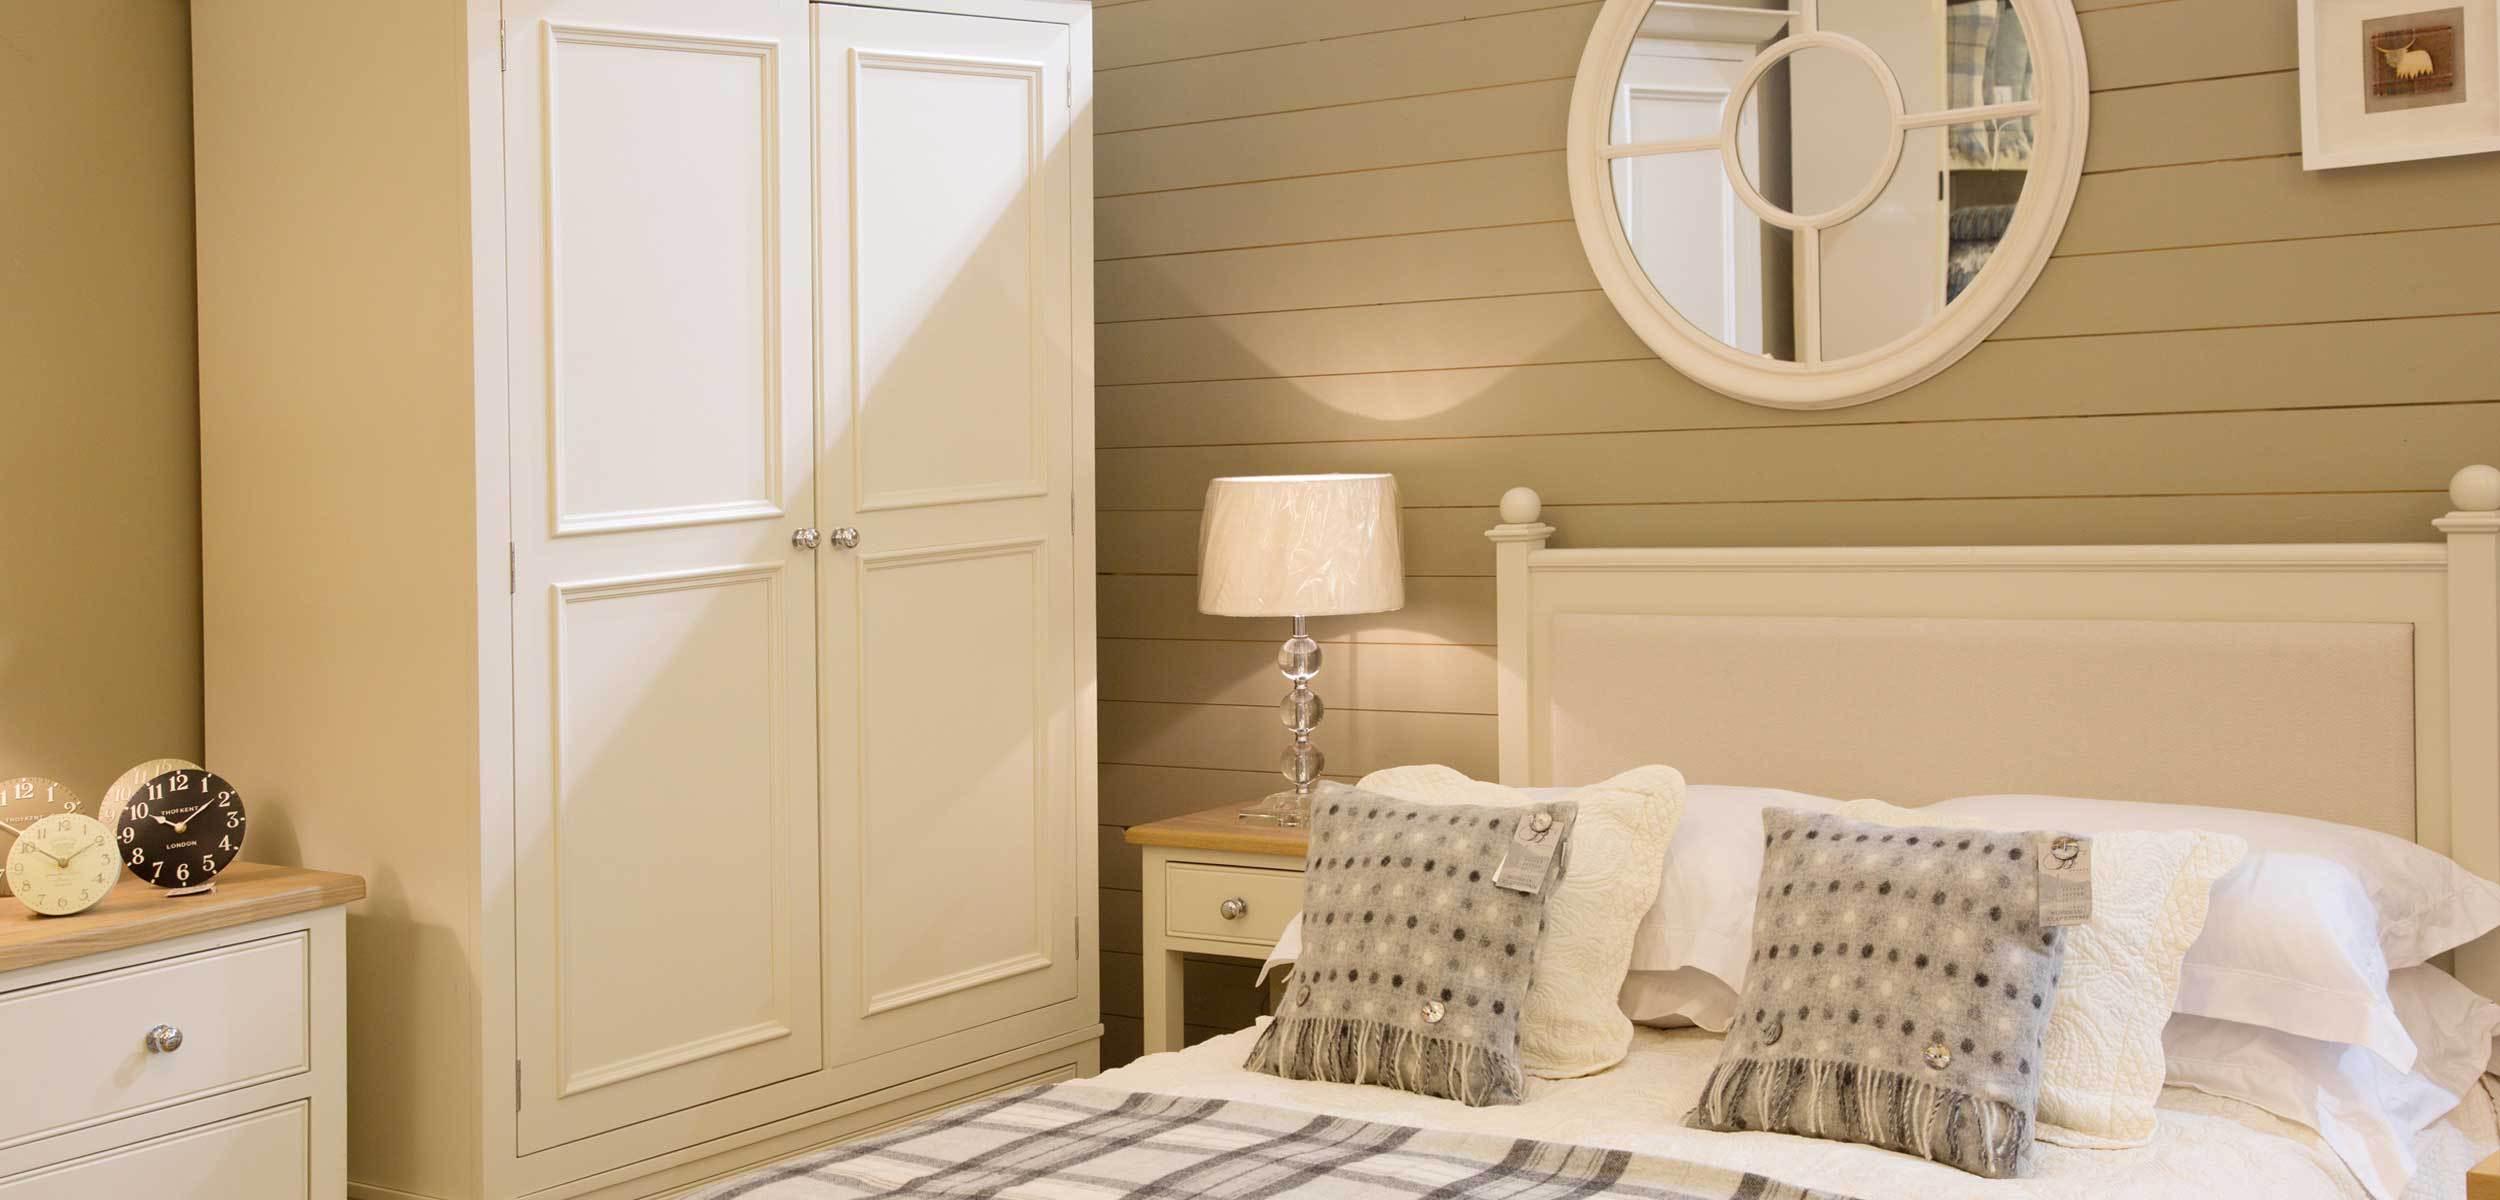 Neptune Furniture Ilkley Maison Interiors